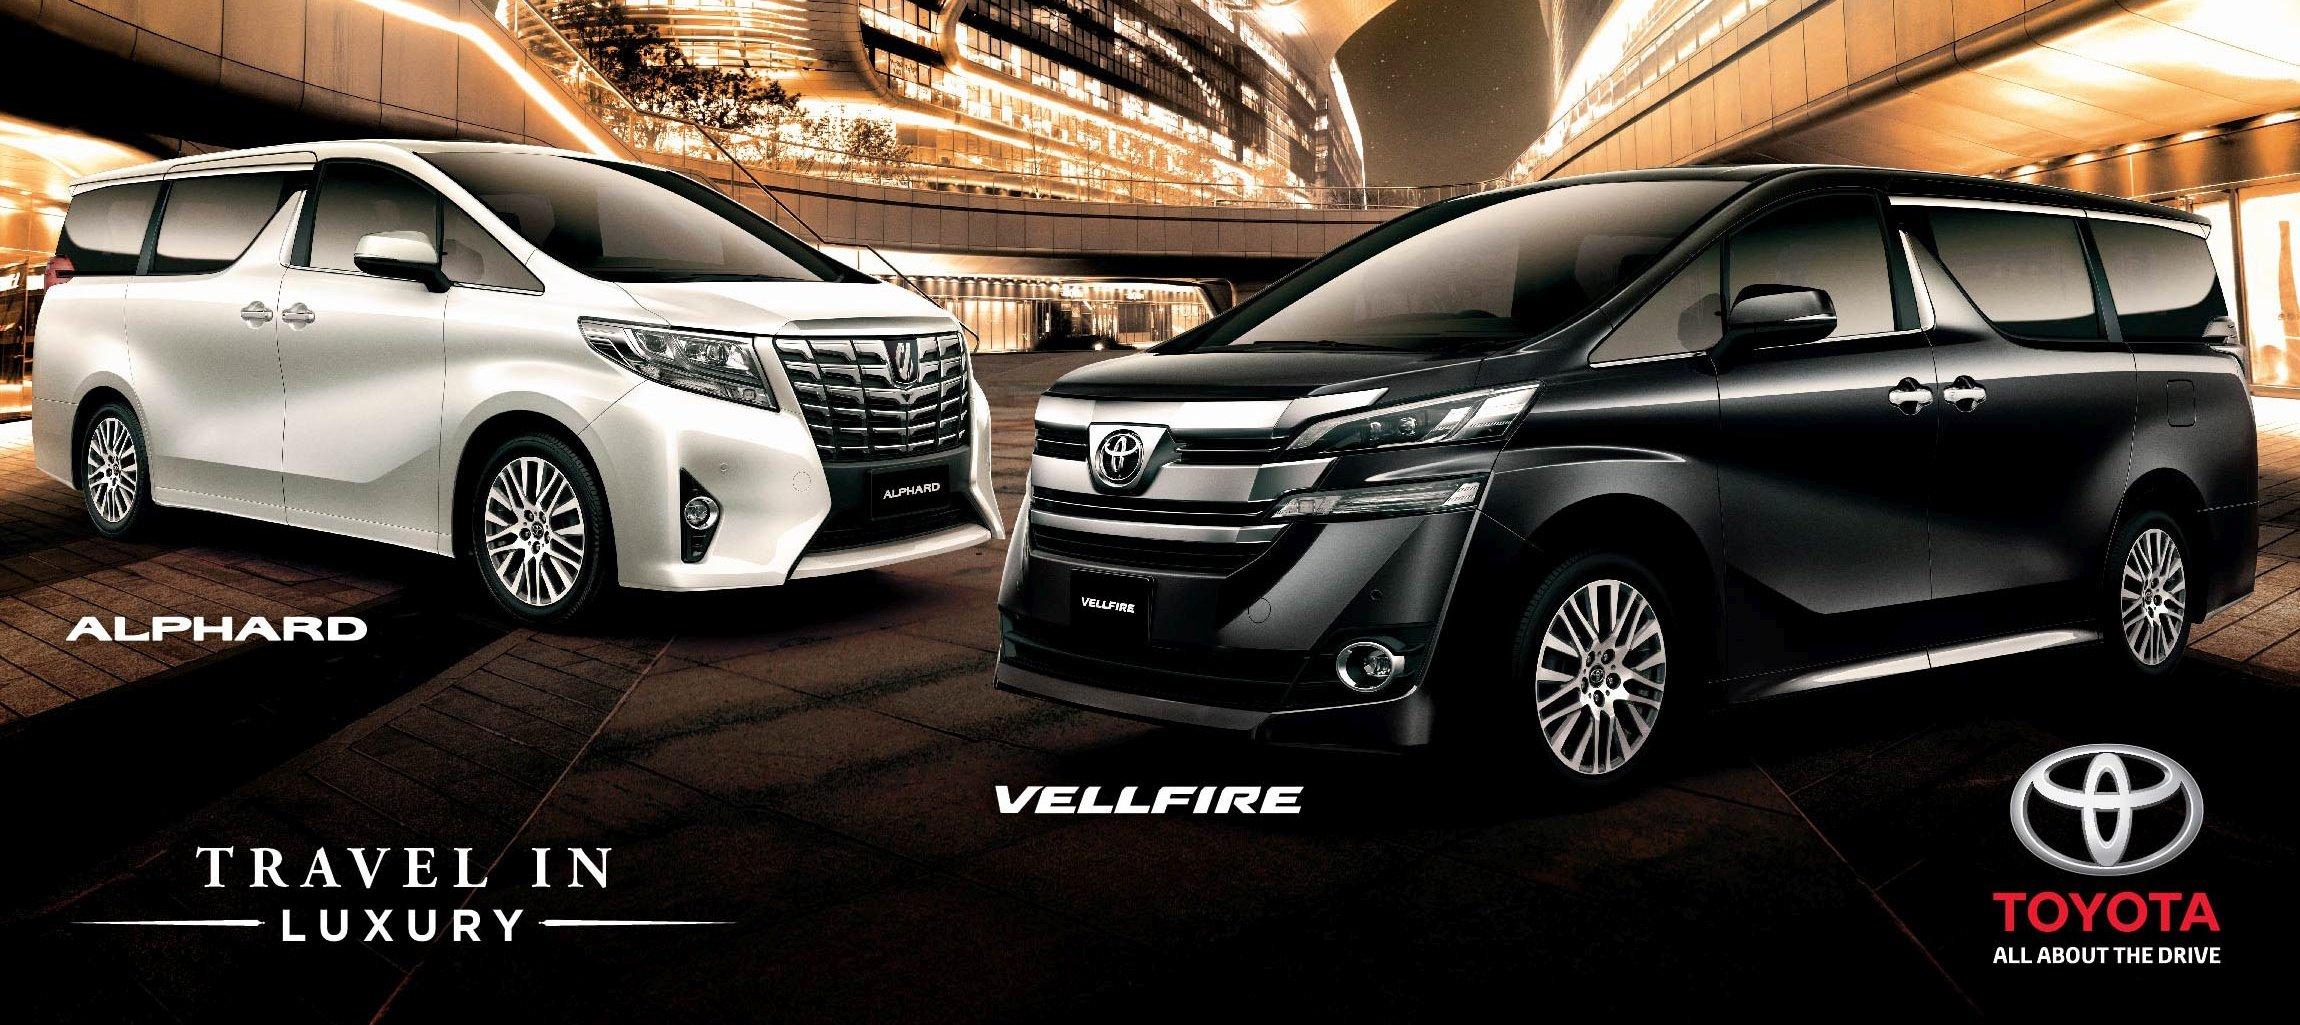 Kelebihan Kekurangan Harga Toyota Alphard Vellfire Tangguh